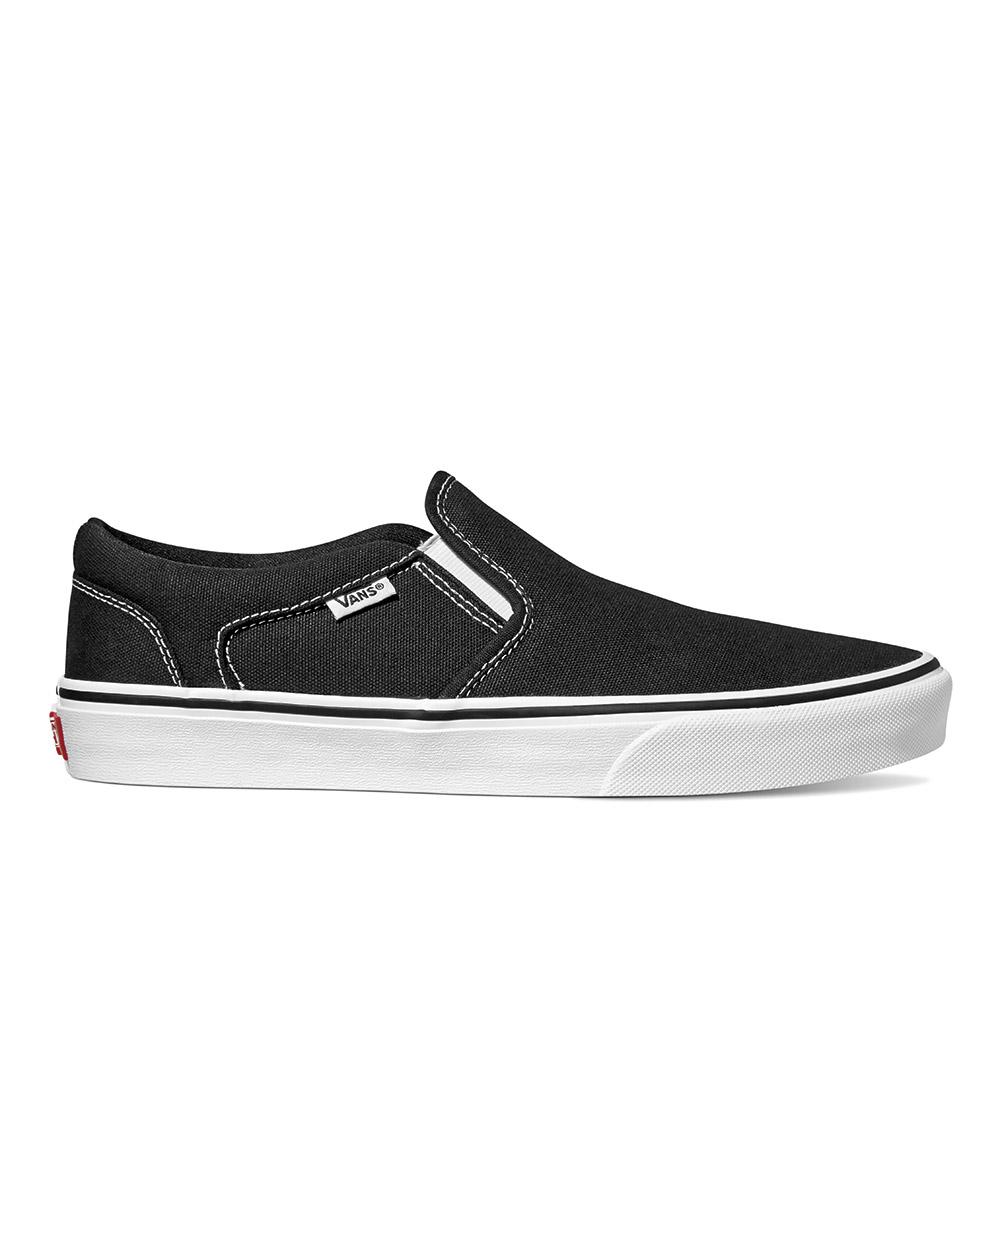 black and white asher vans